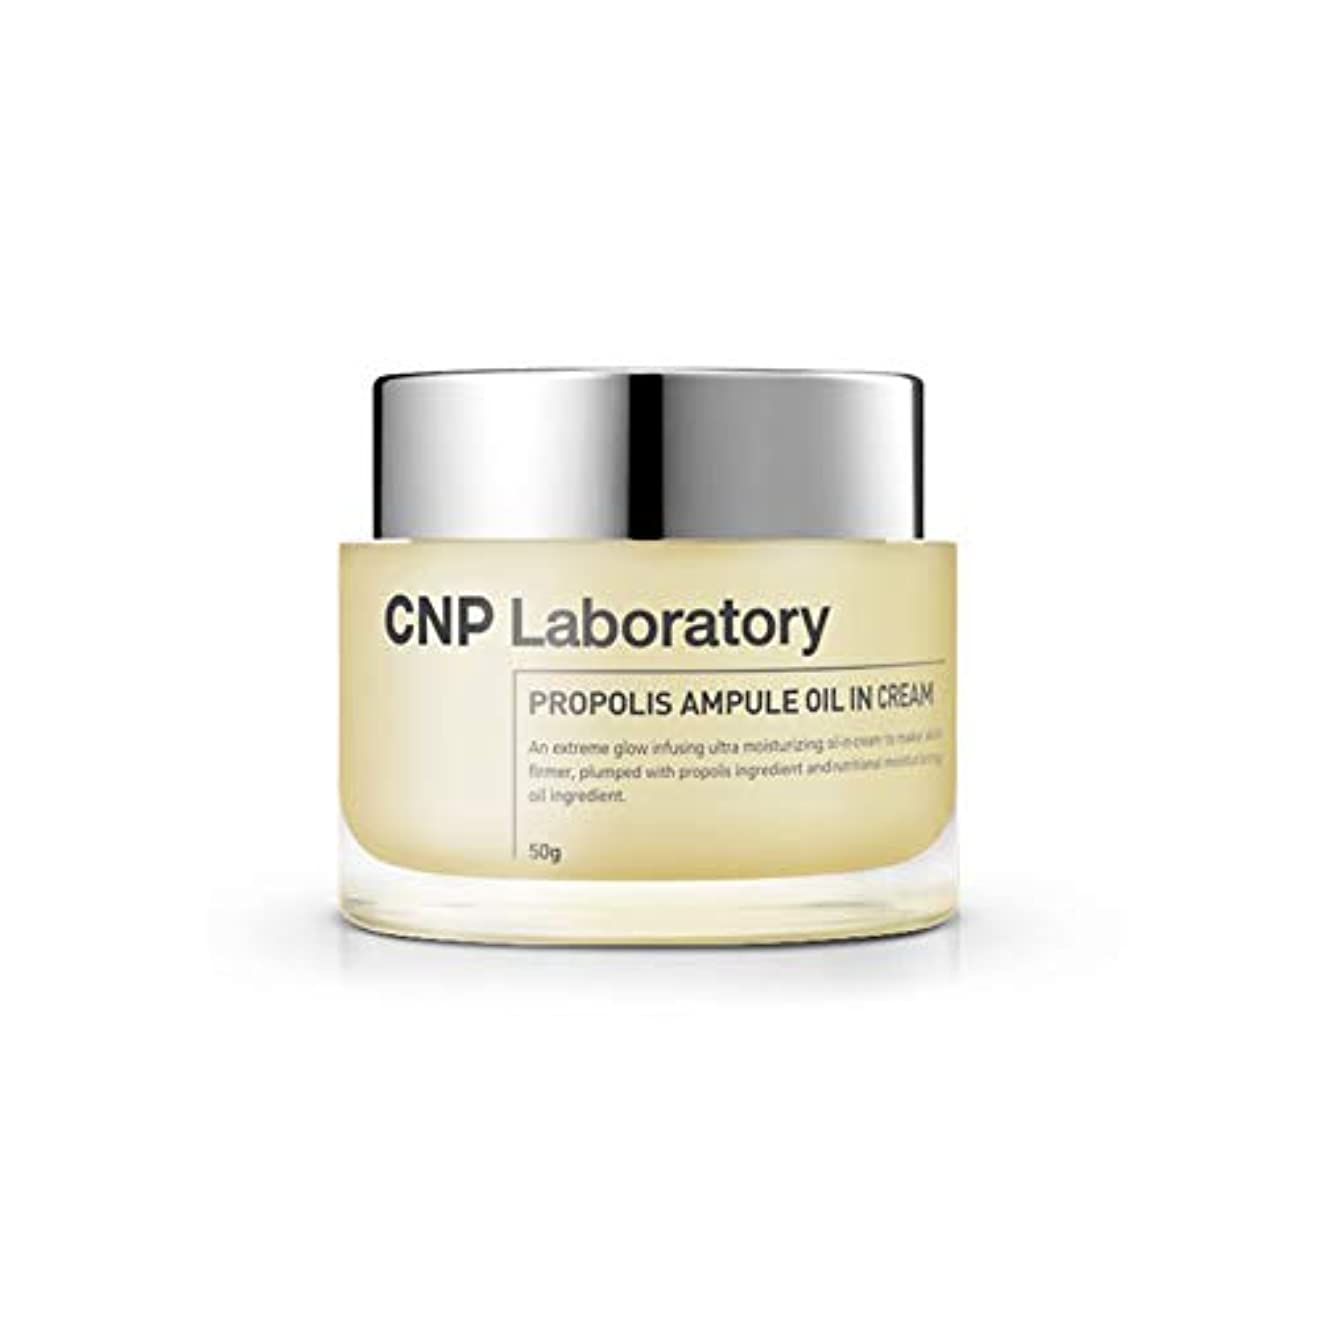 道反映する外科医[CNP Laboratory] CNP チャ&パク プロポリスアンプルオイルインクリーム 50g [海外直送品][並行輸入品]